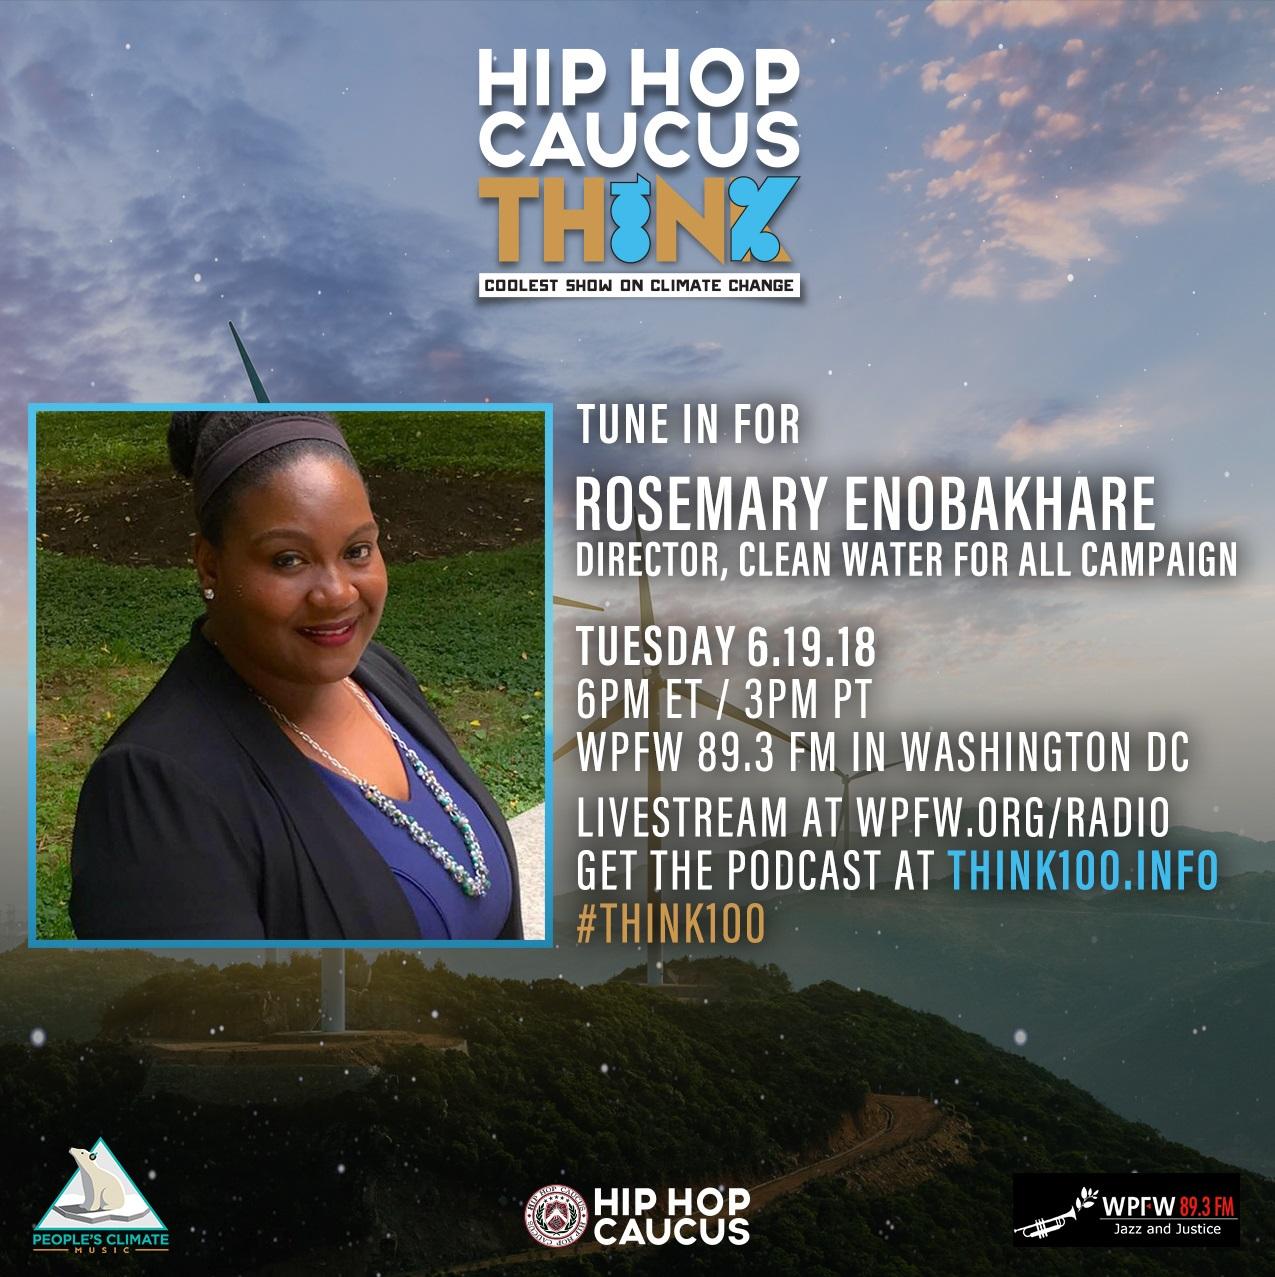 Rosemary Enobakhare